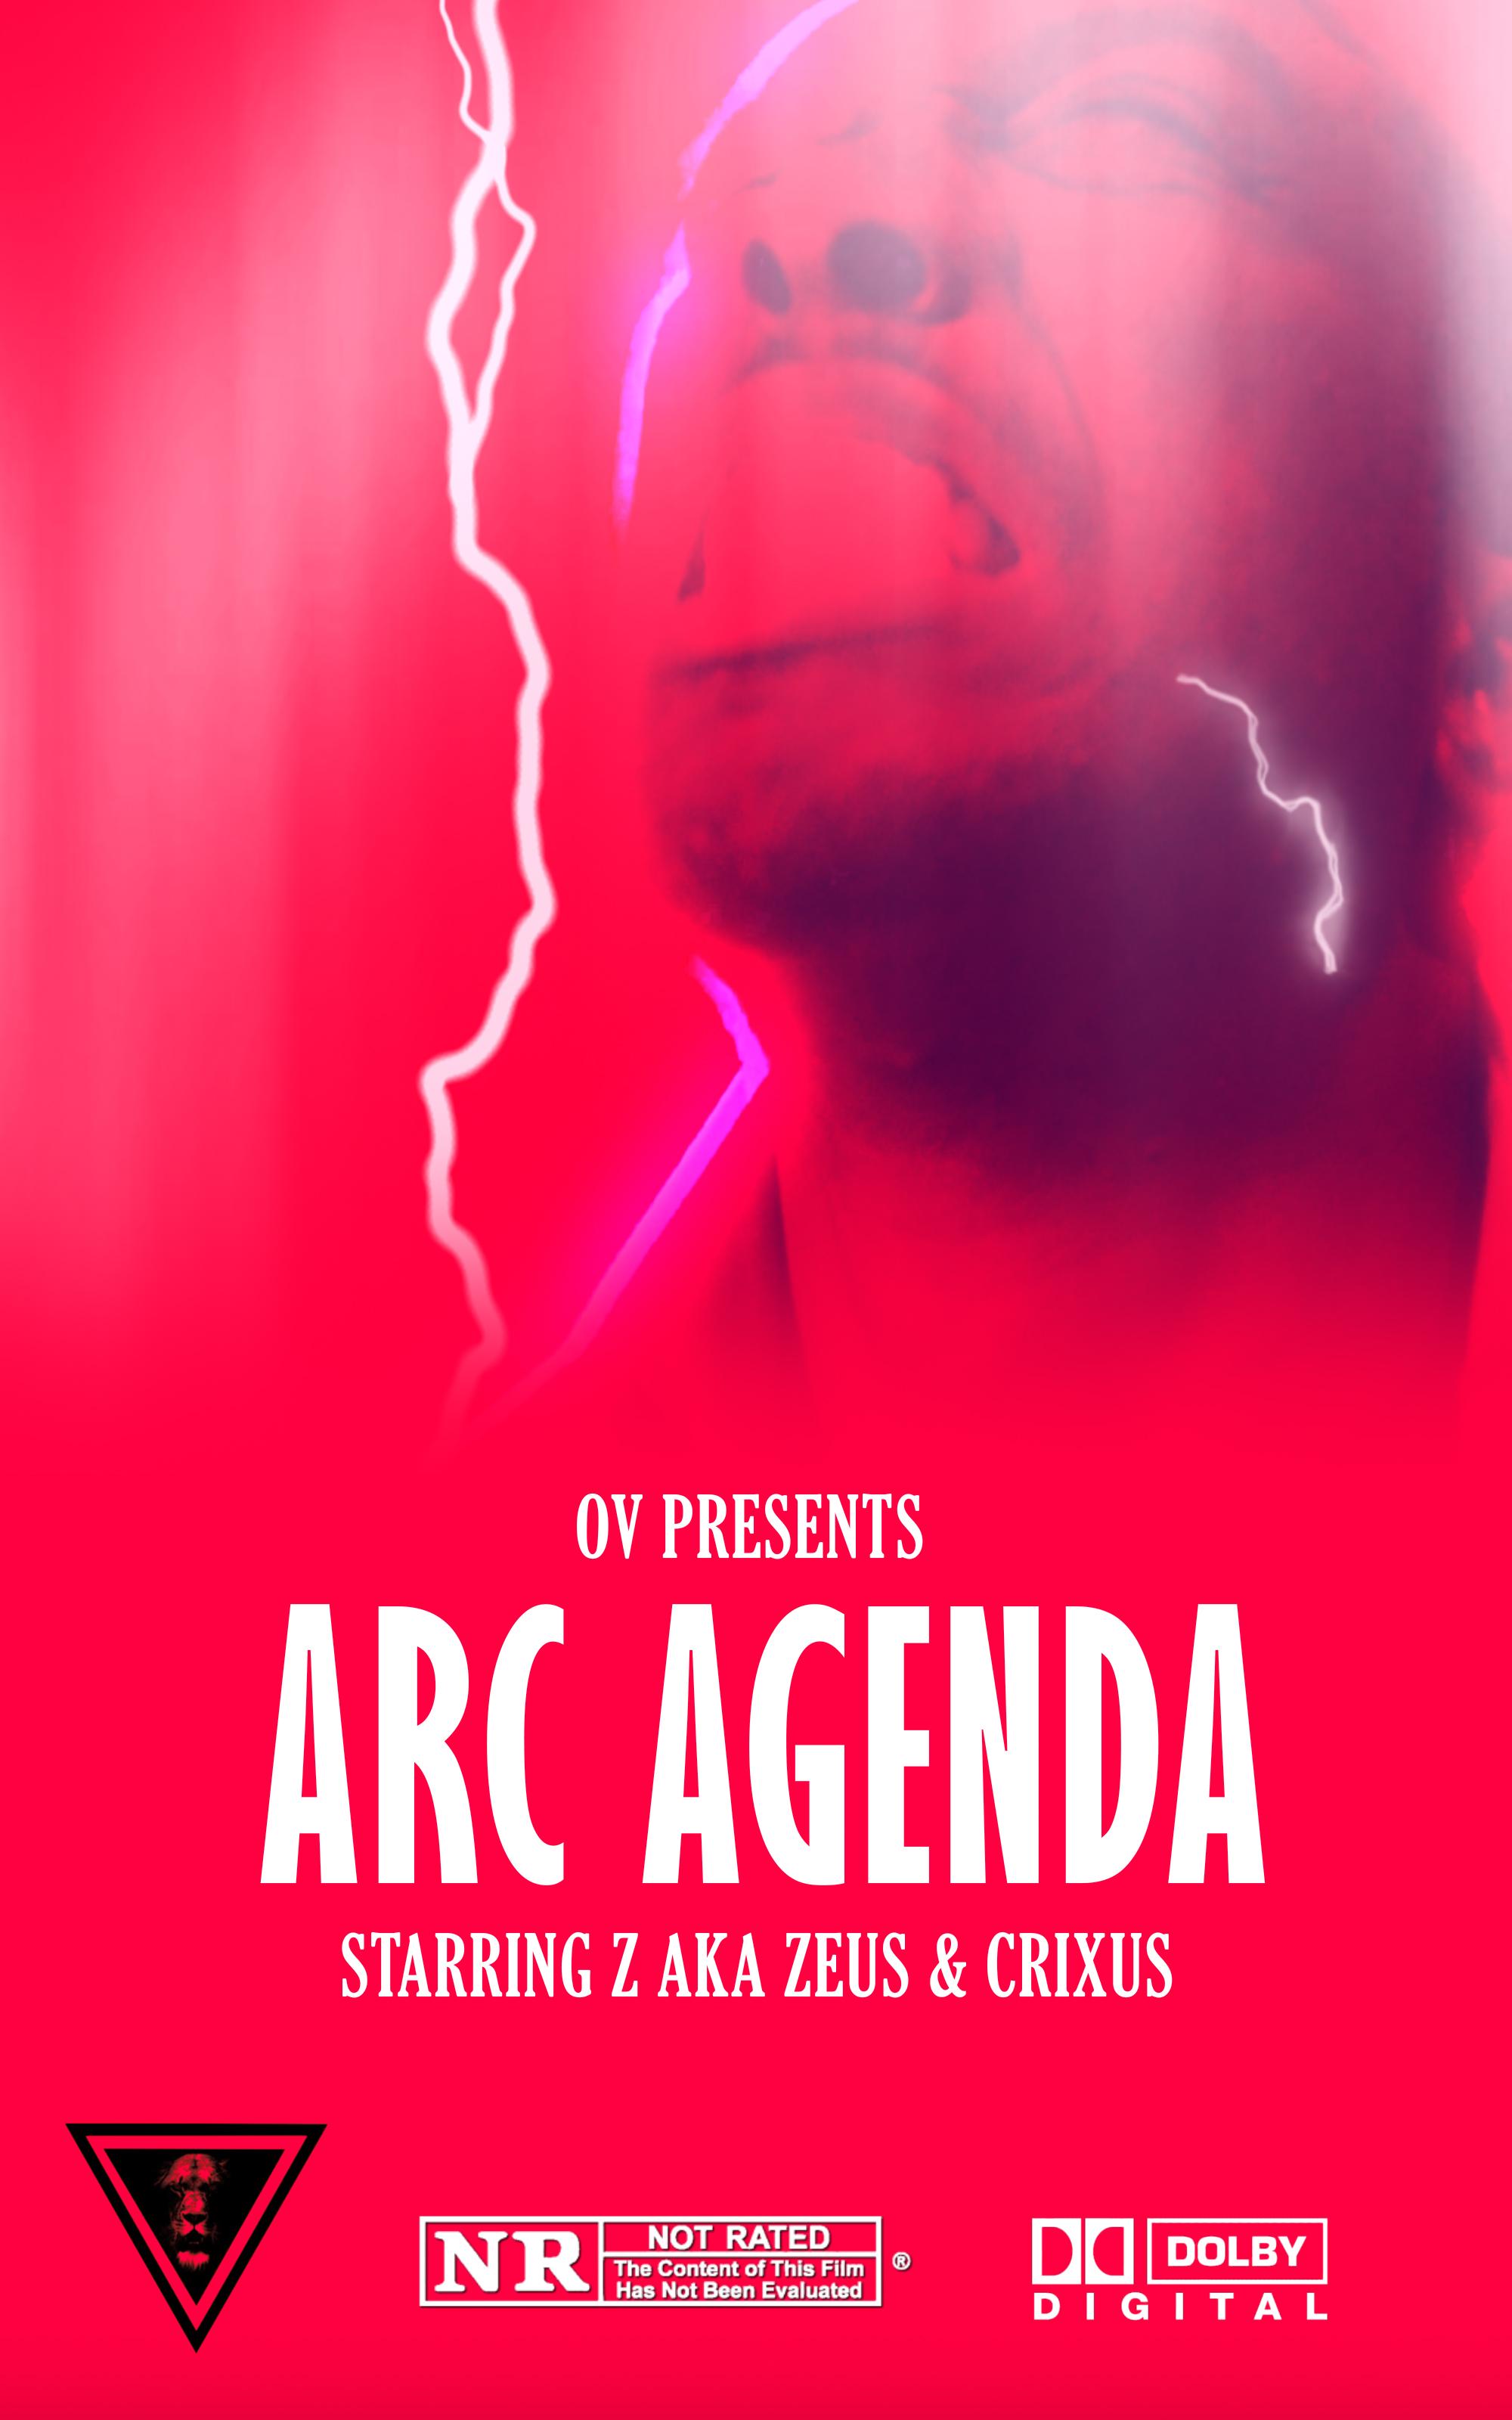 Arc Agenda